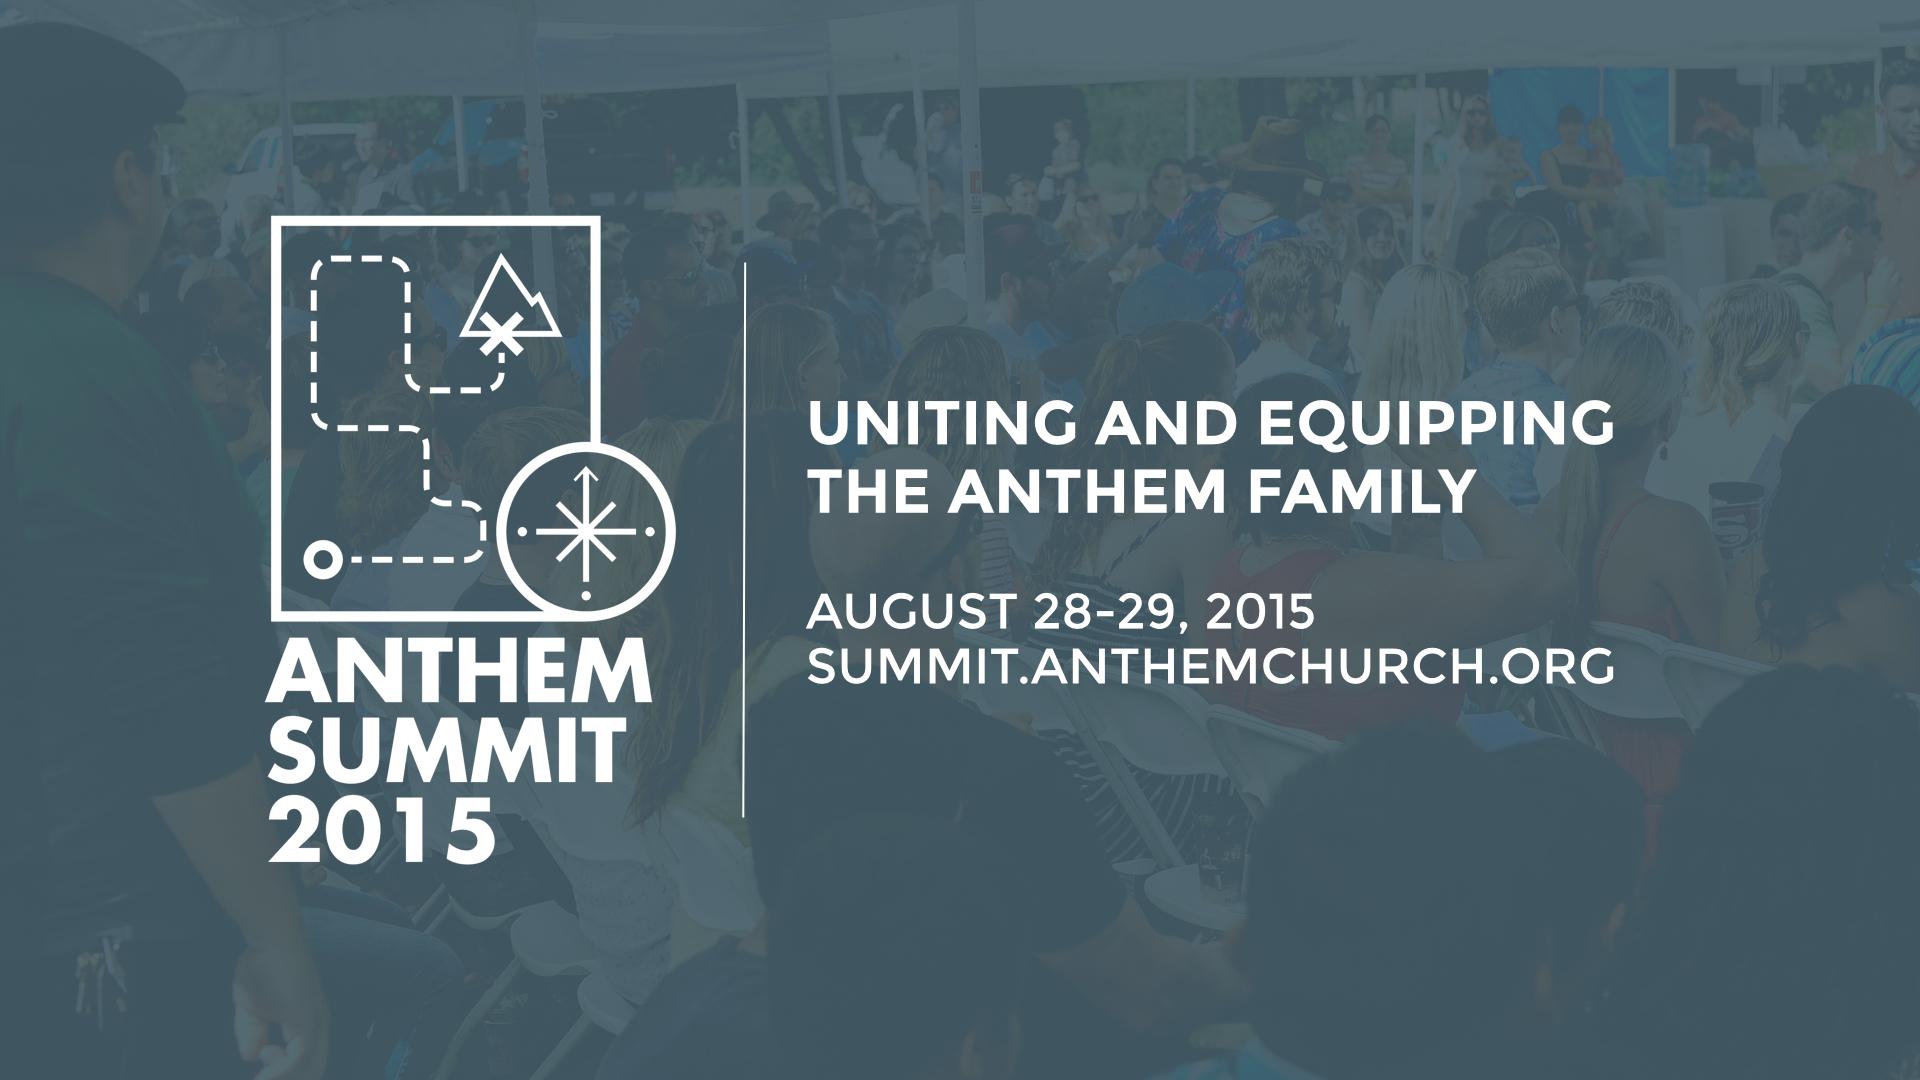 Anthem Summit Announcement.002